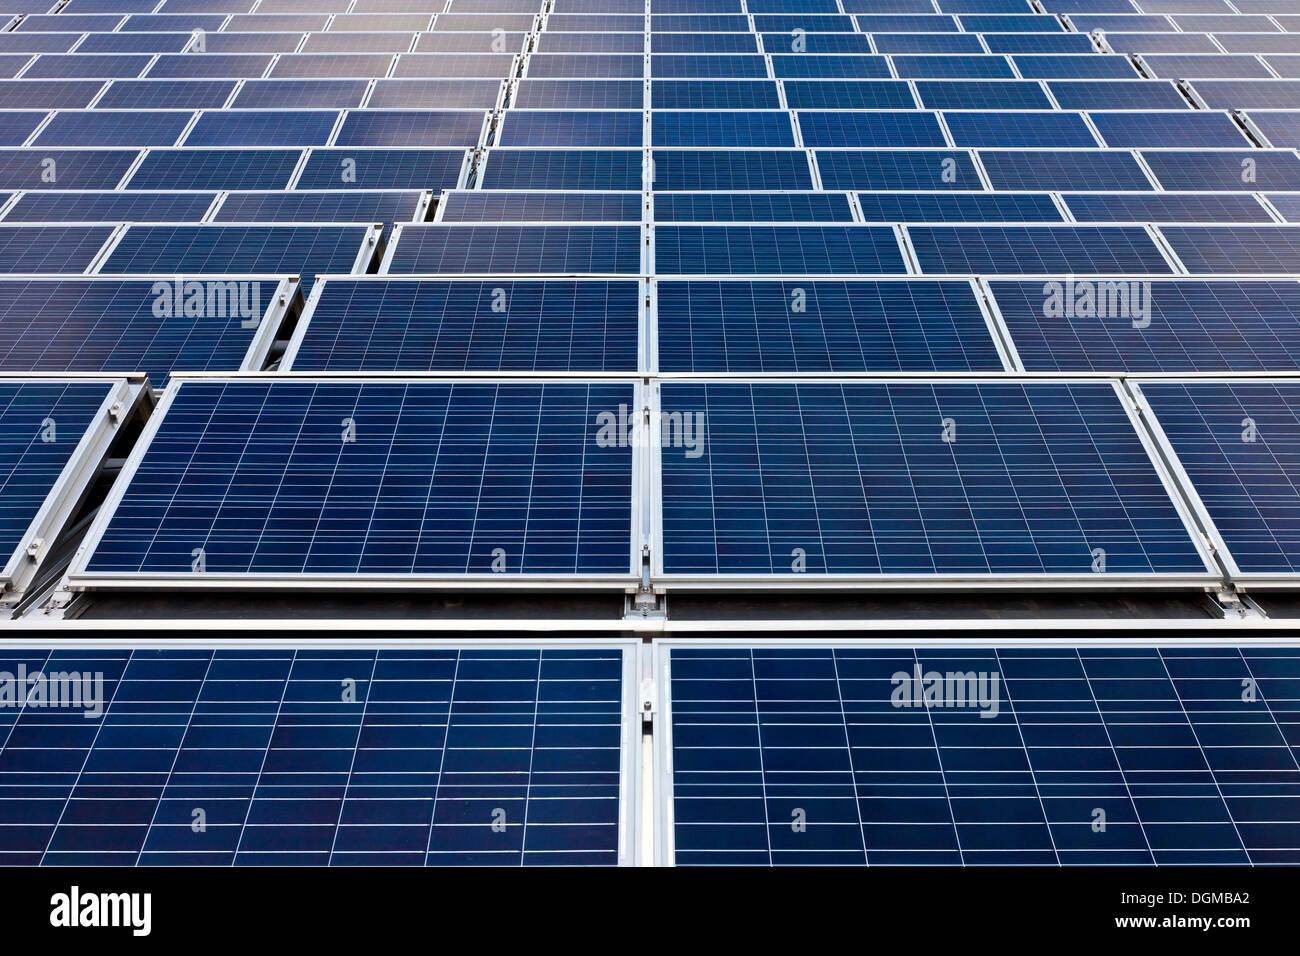 Las células fotovoltaicas o paneles solares en orden simétrico Imagen De Stock